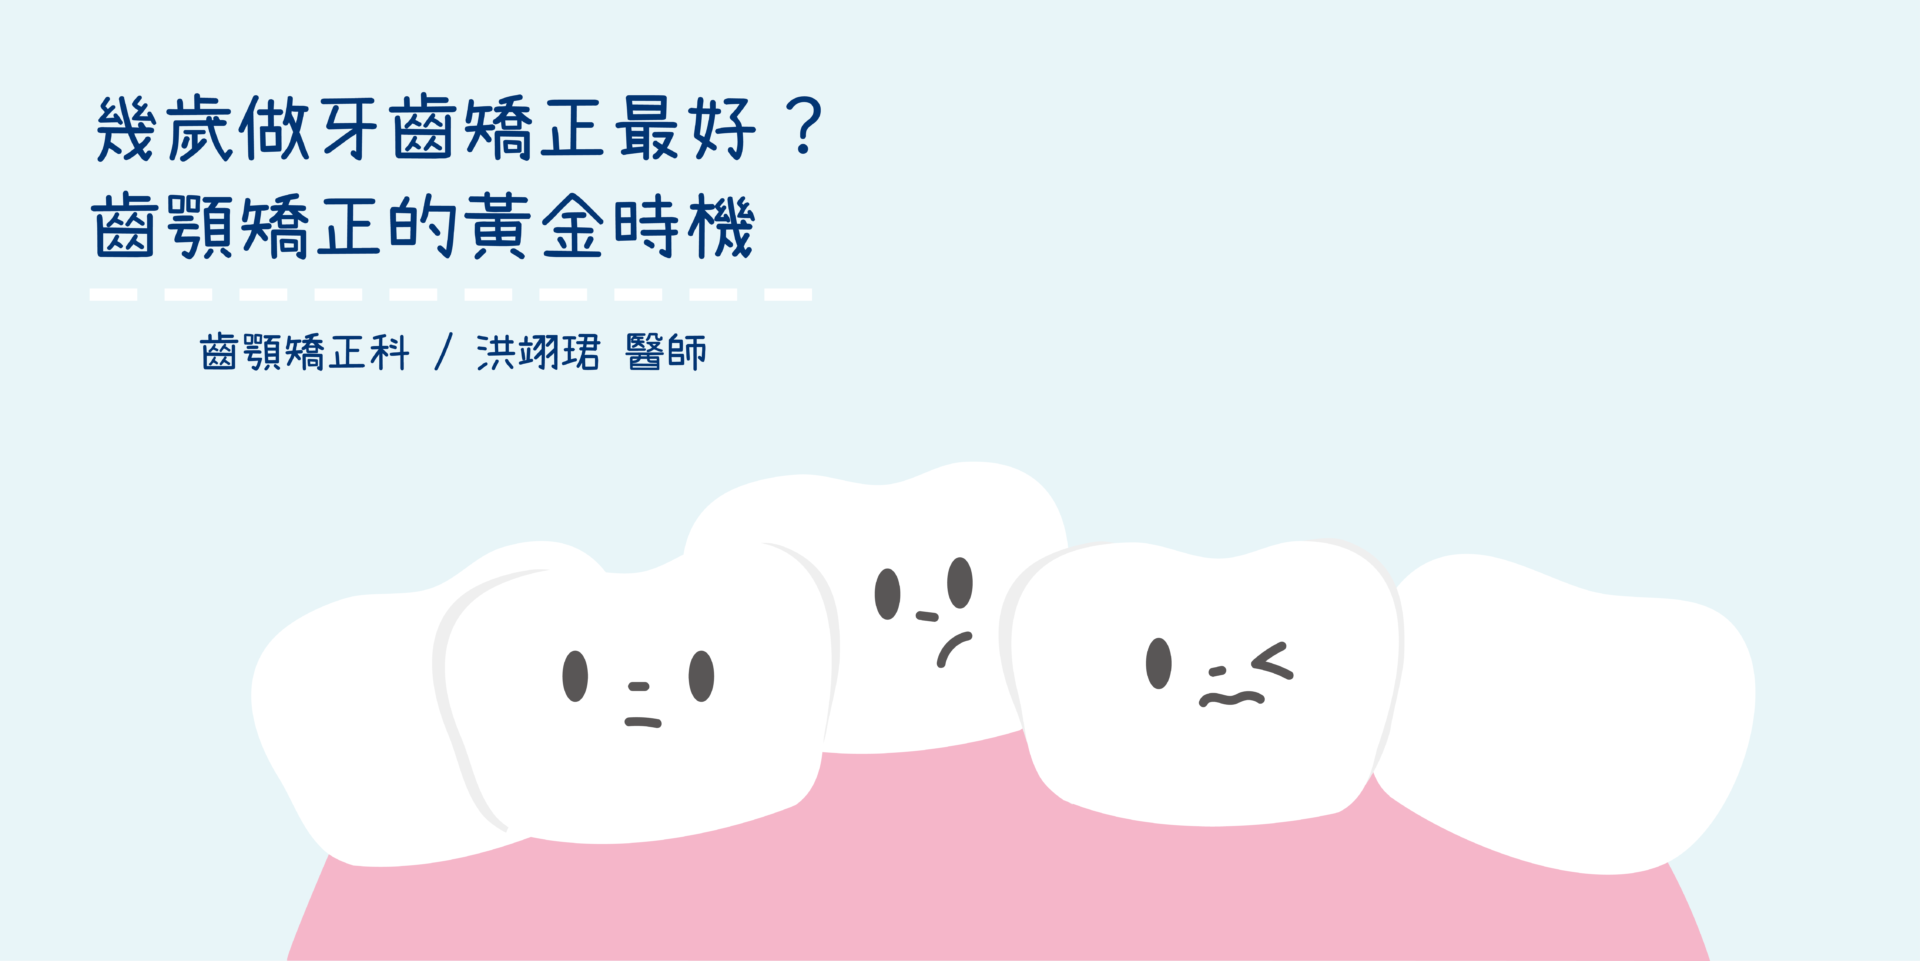 牙齒矯正最佳年齡是幾歲